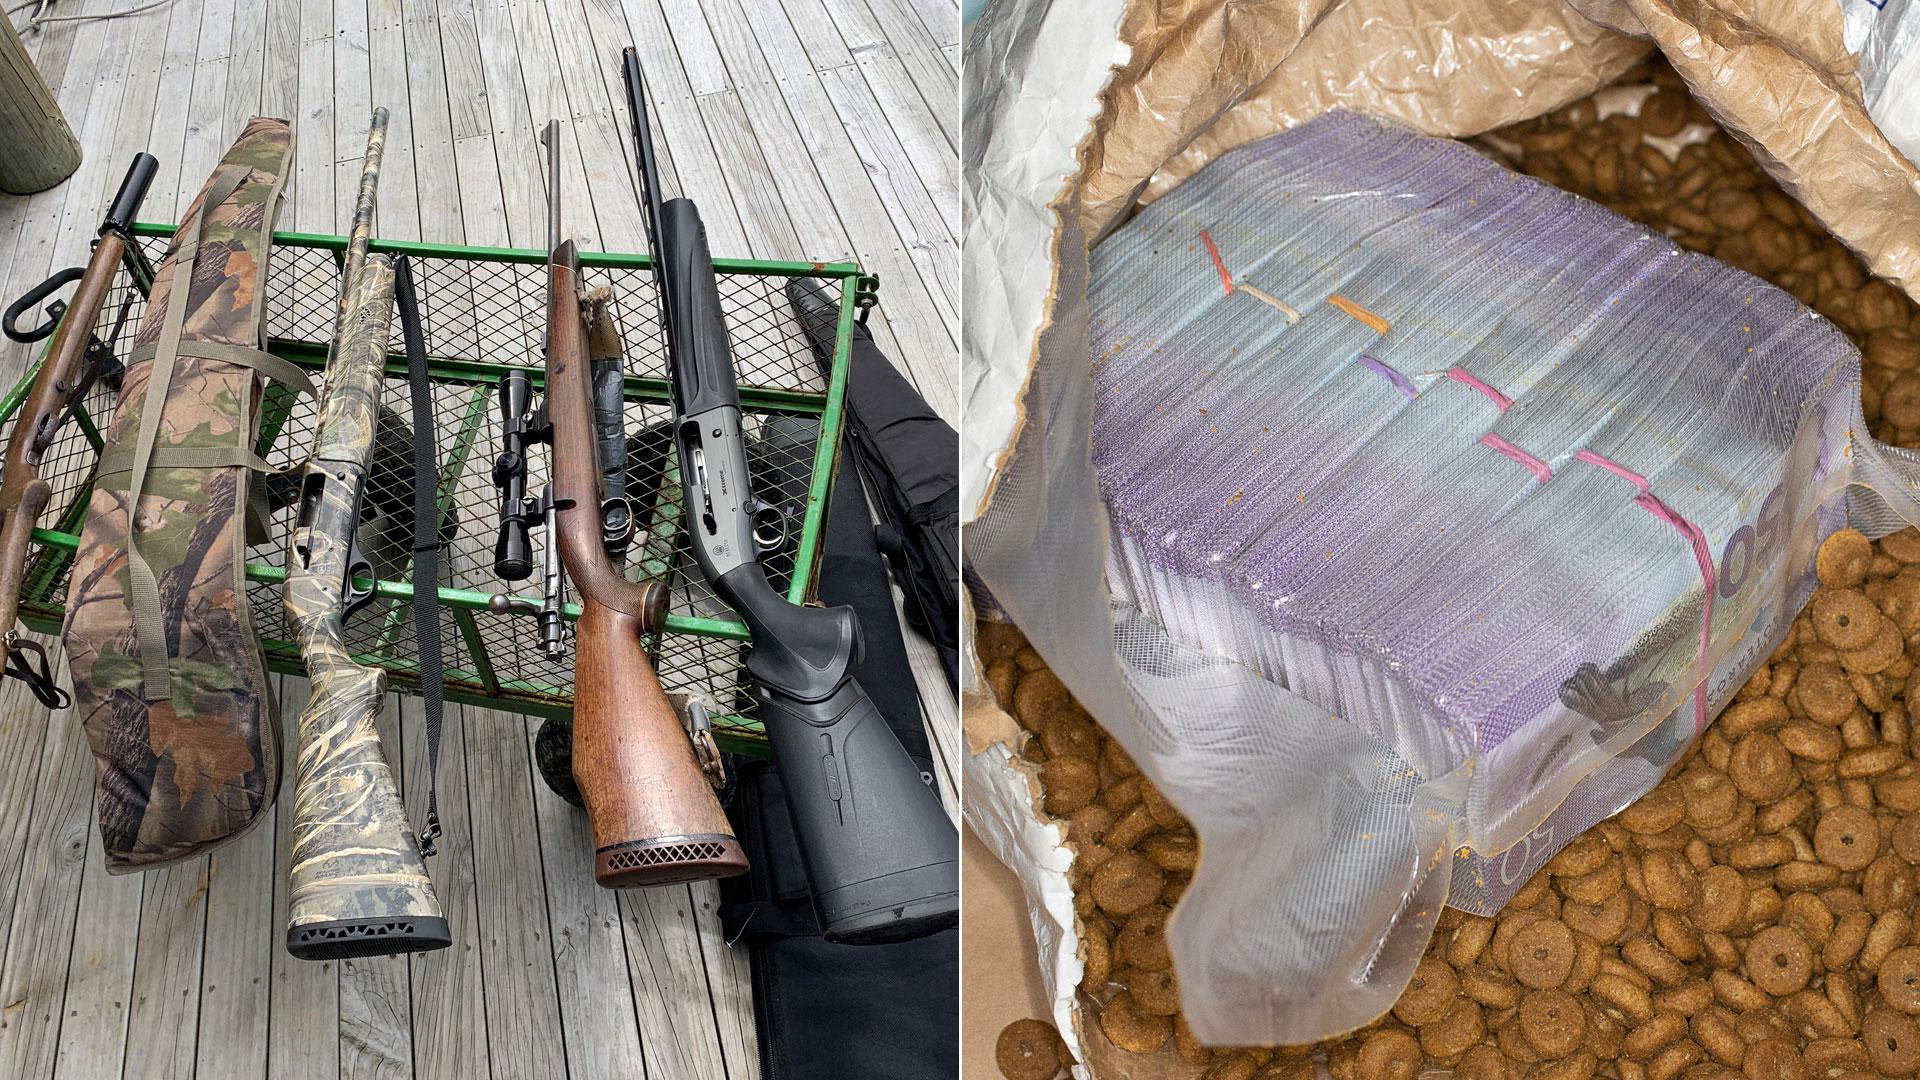 Seven arrested, $3.5m in assets seized after drug dealing operation dismantled